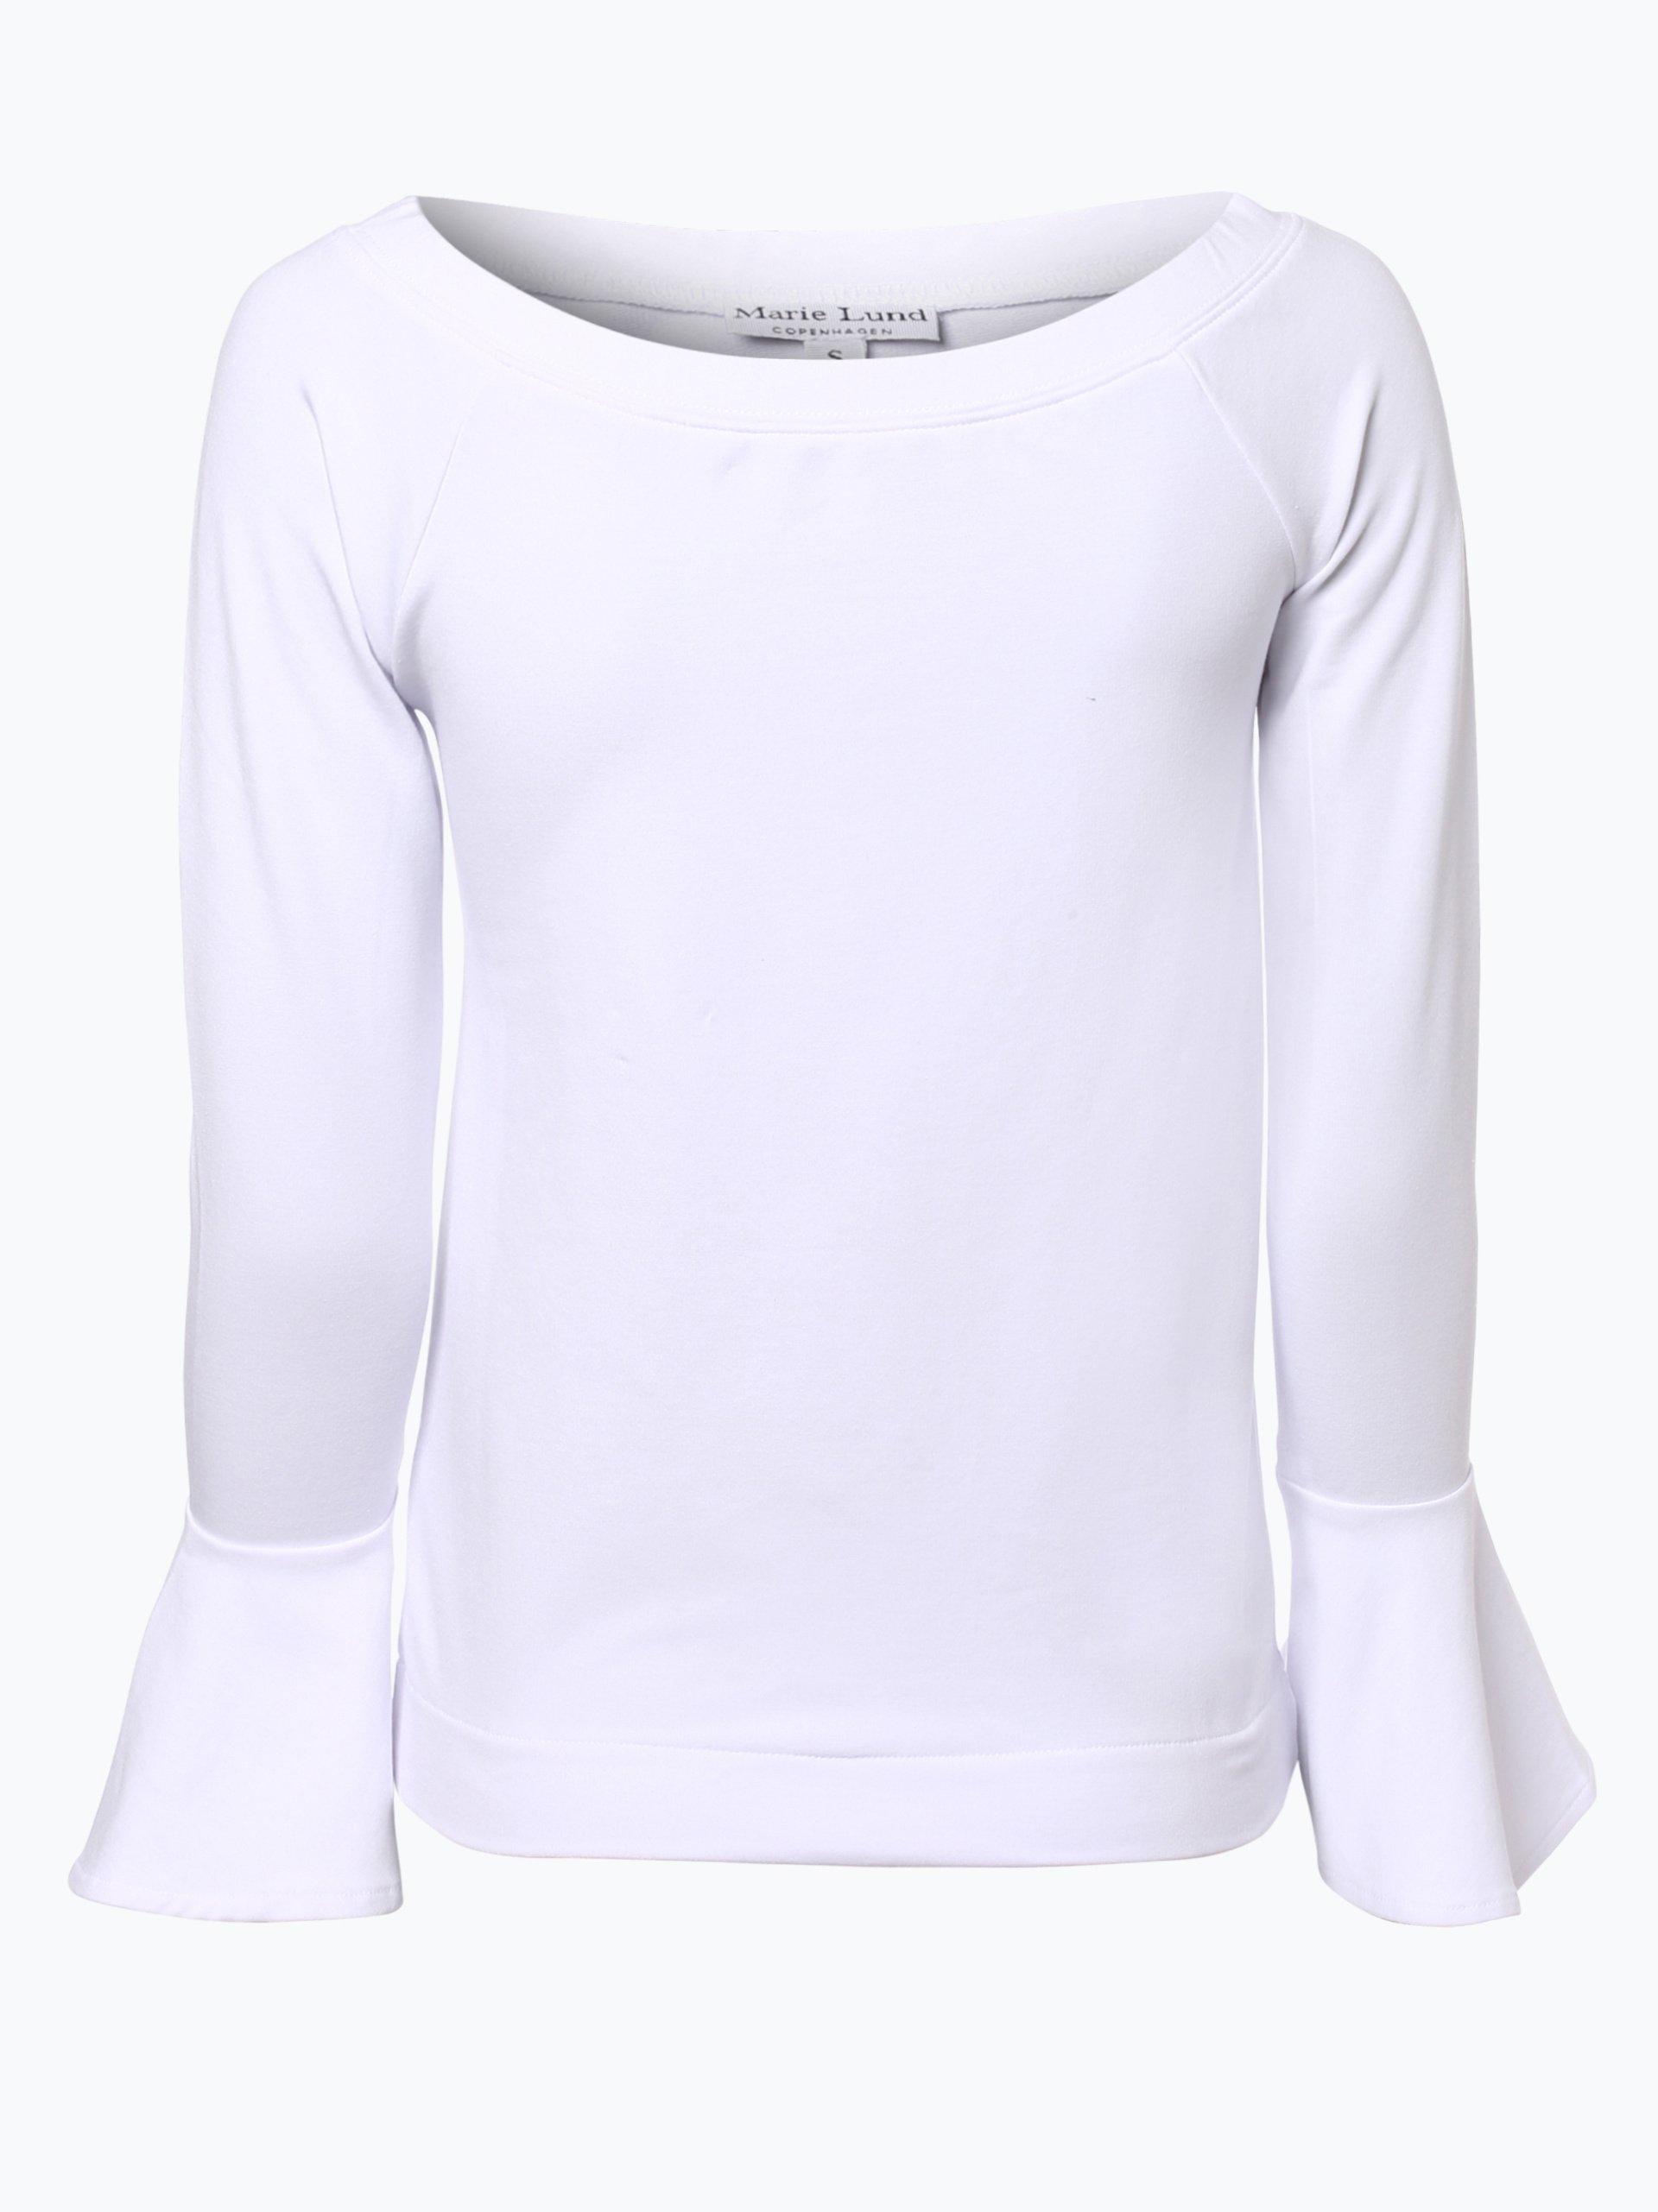 Marie Lund Damska koszulka z długim rękawem